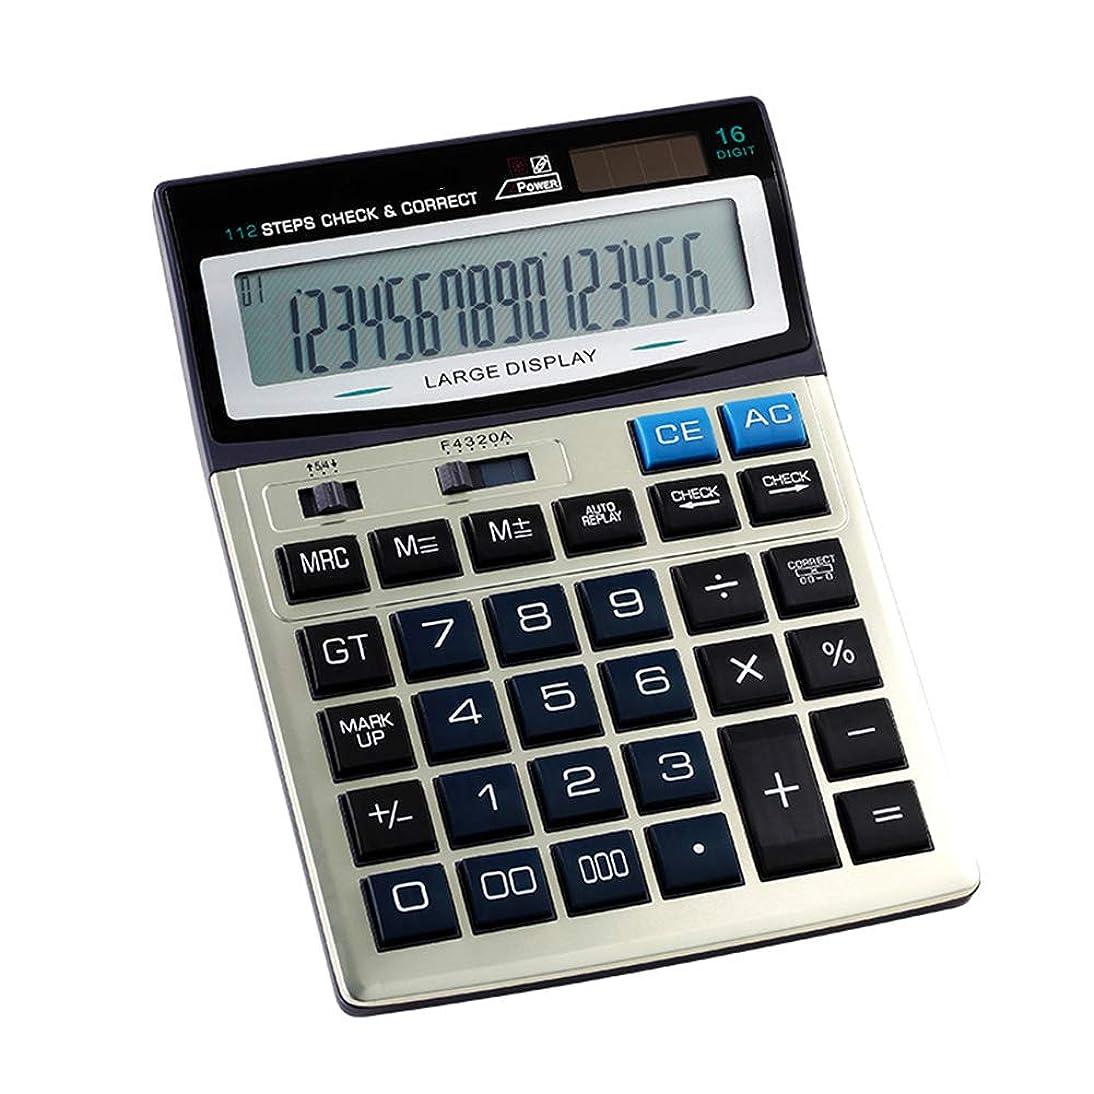 杖過剰警察電卓 デュアルパワー標準機能デスクトップオフィスおよびビジネス用 (16桁)